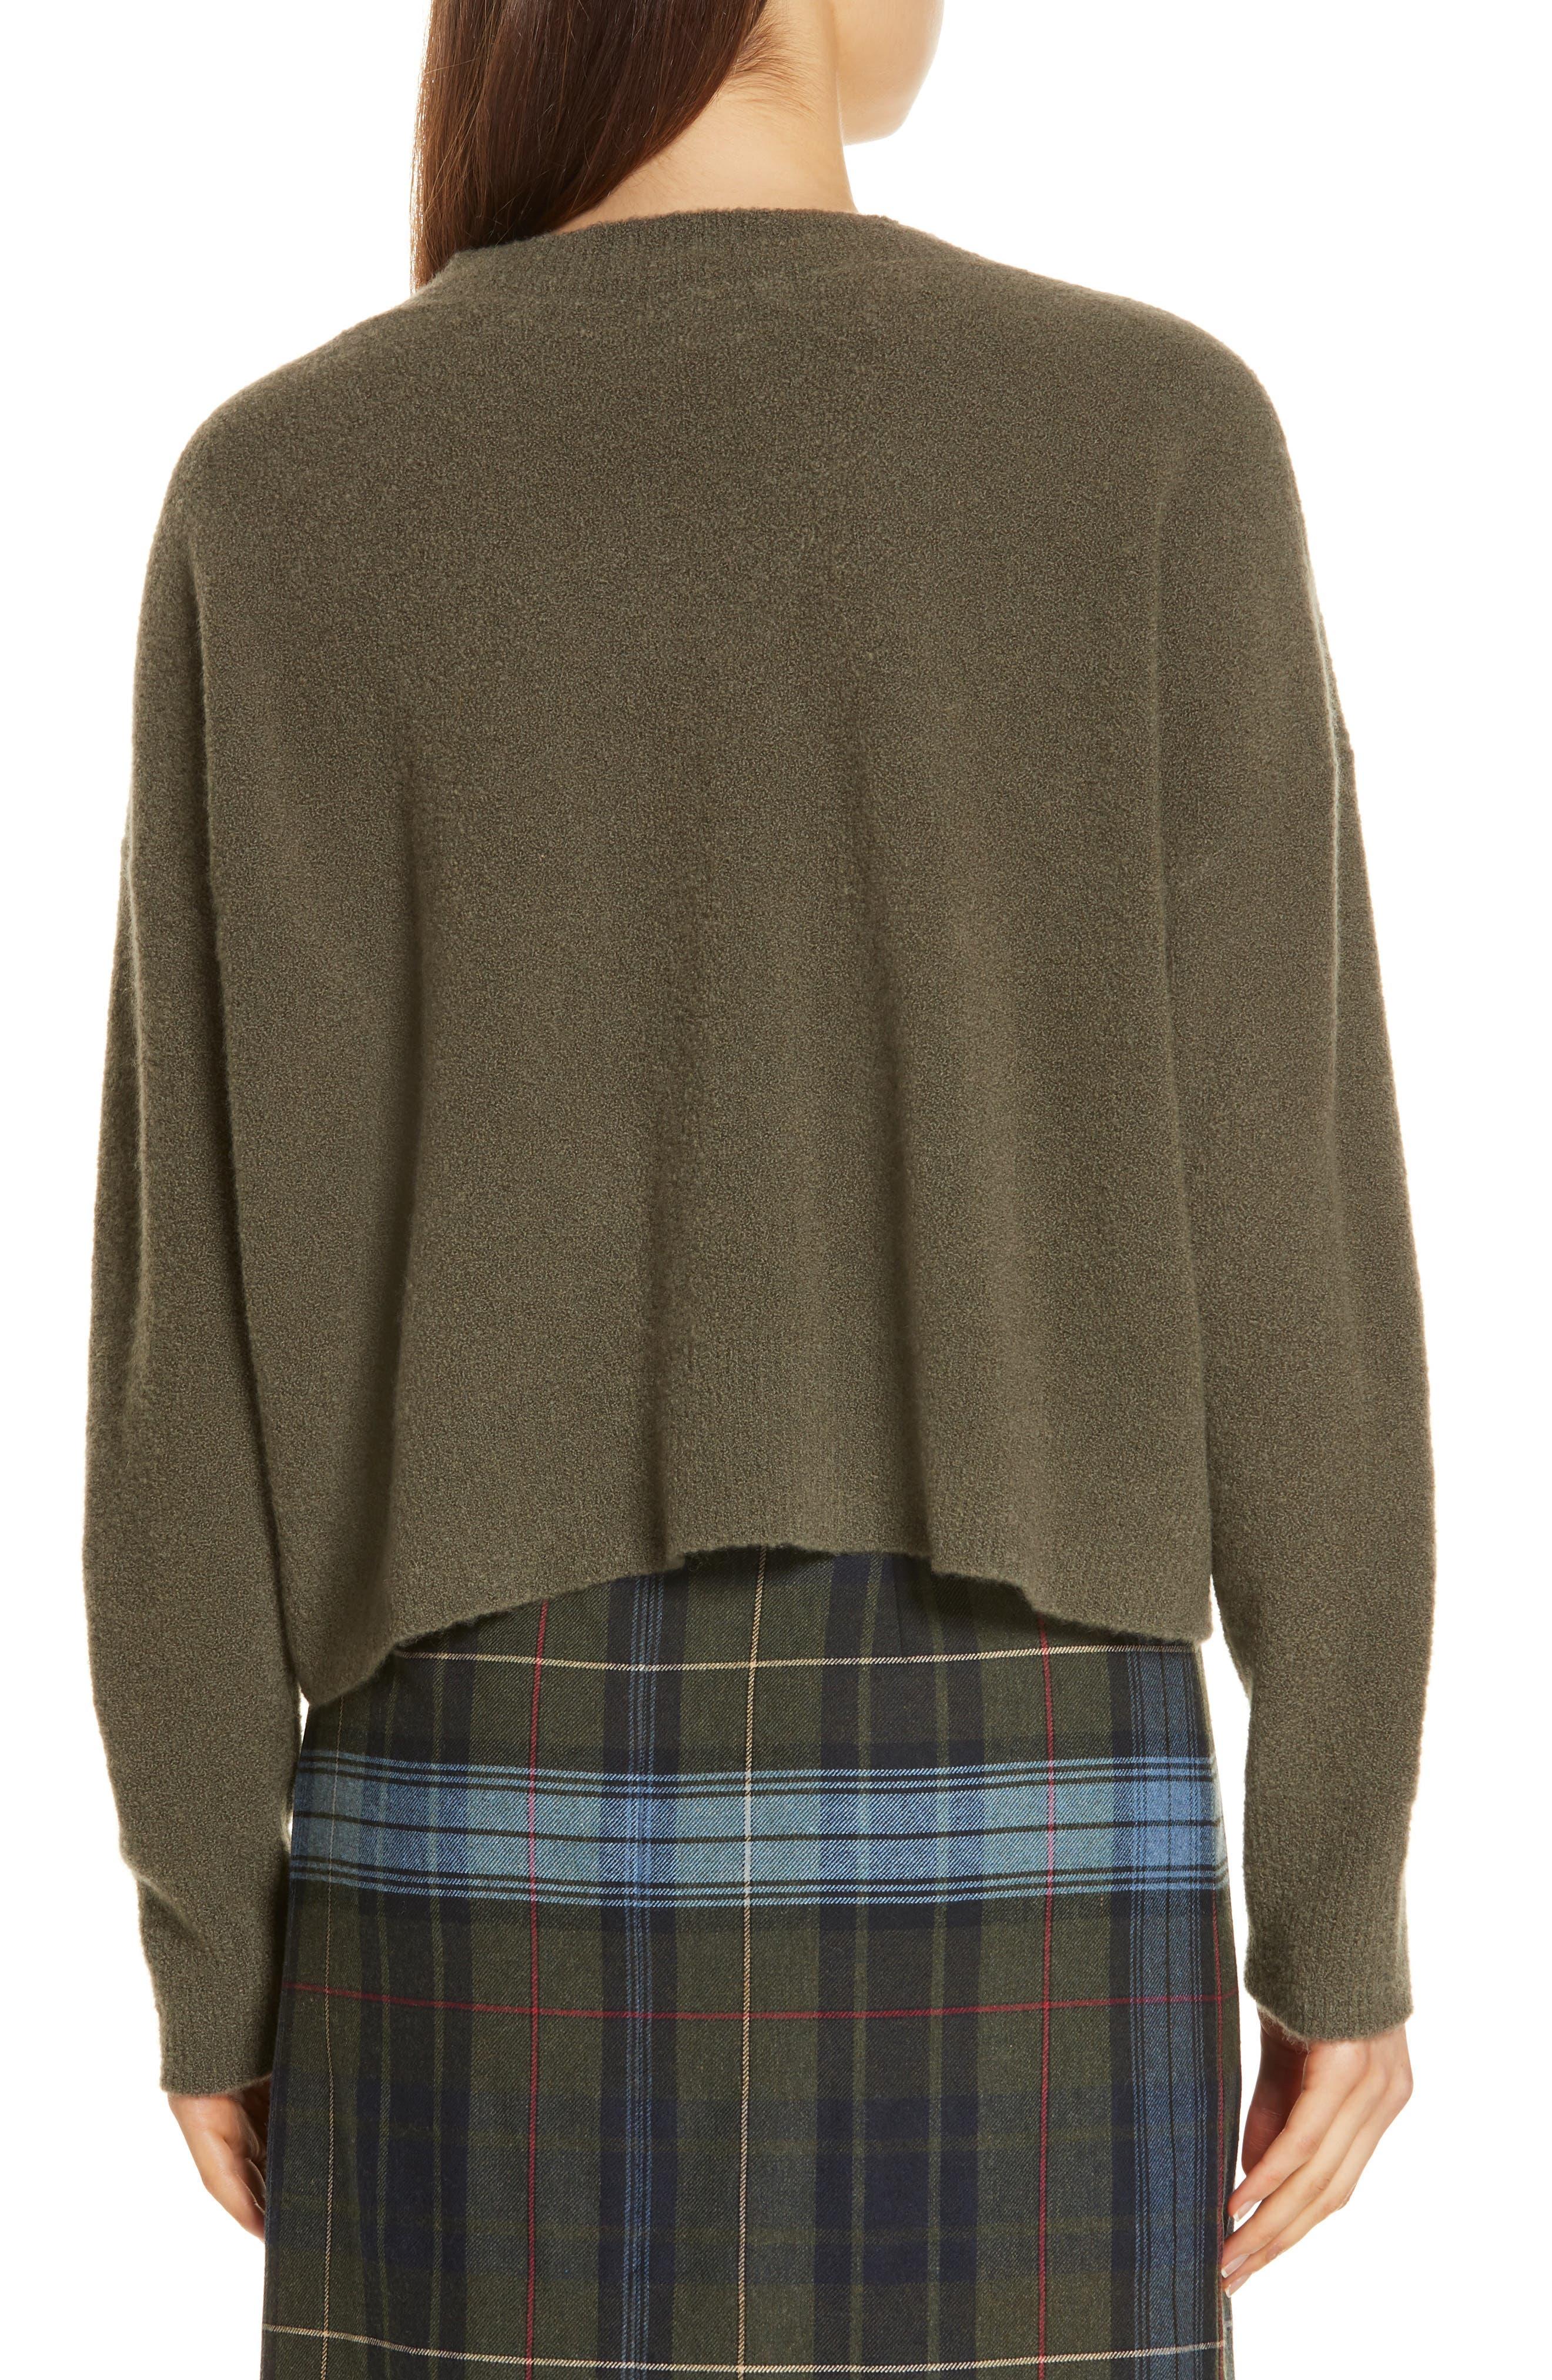 Cashmere Blend Bouclé Sweater,                             Alternate thumbnail 2, color,                             OLIVE IVY HEATHER